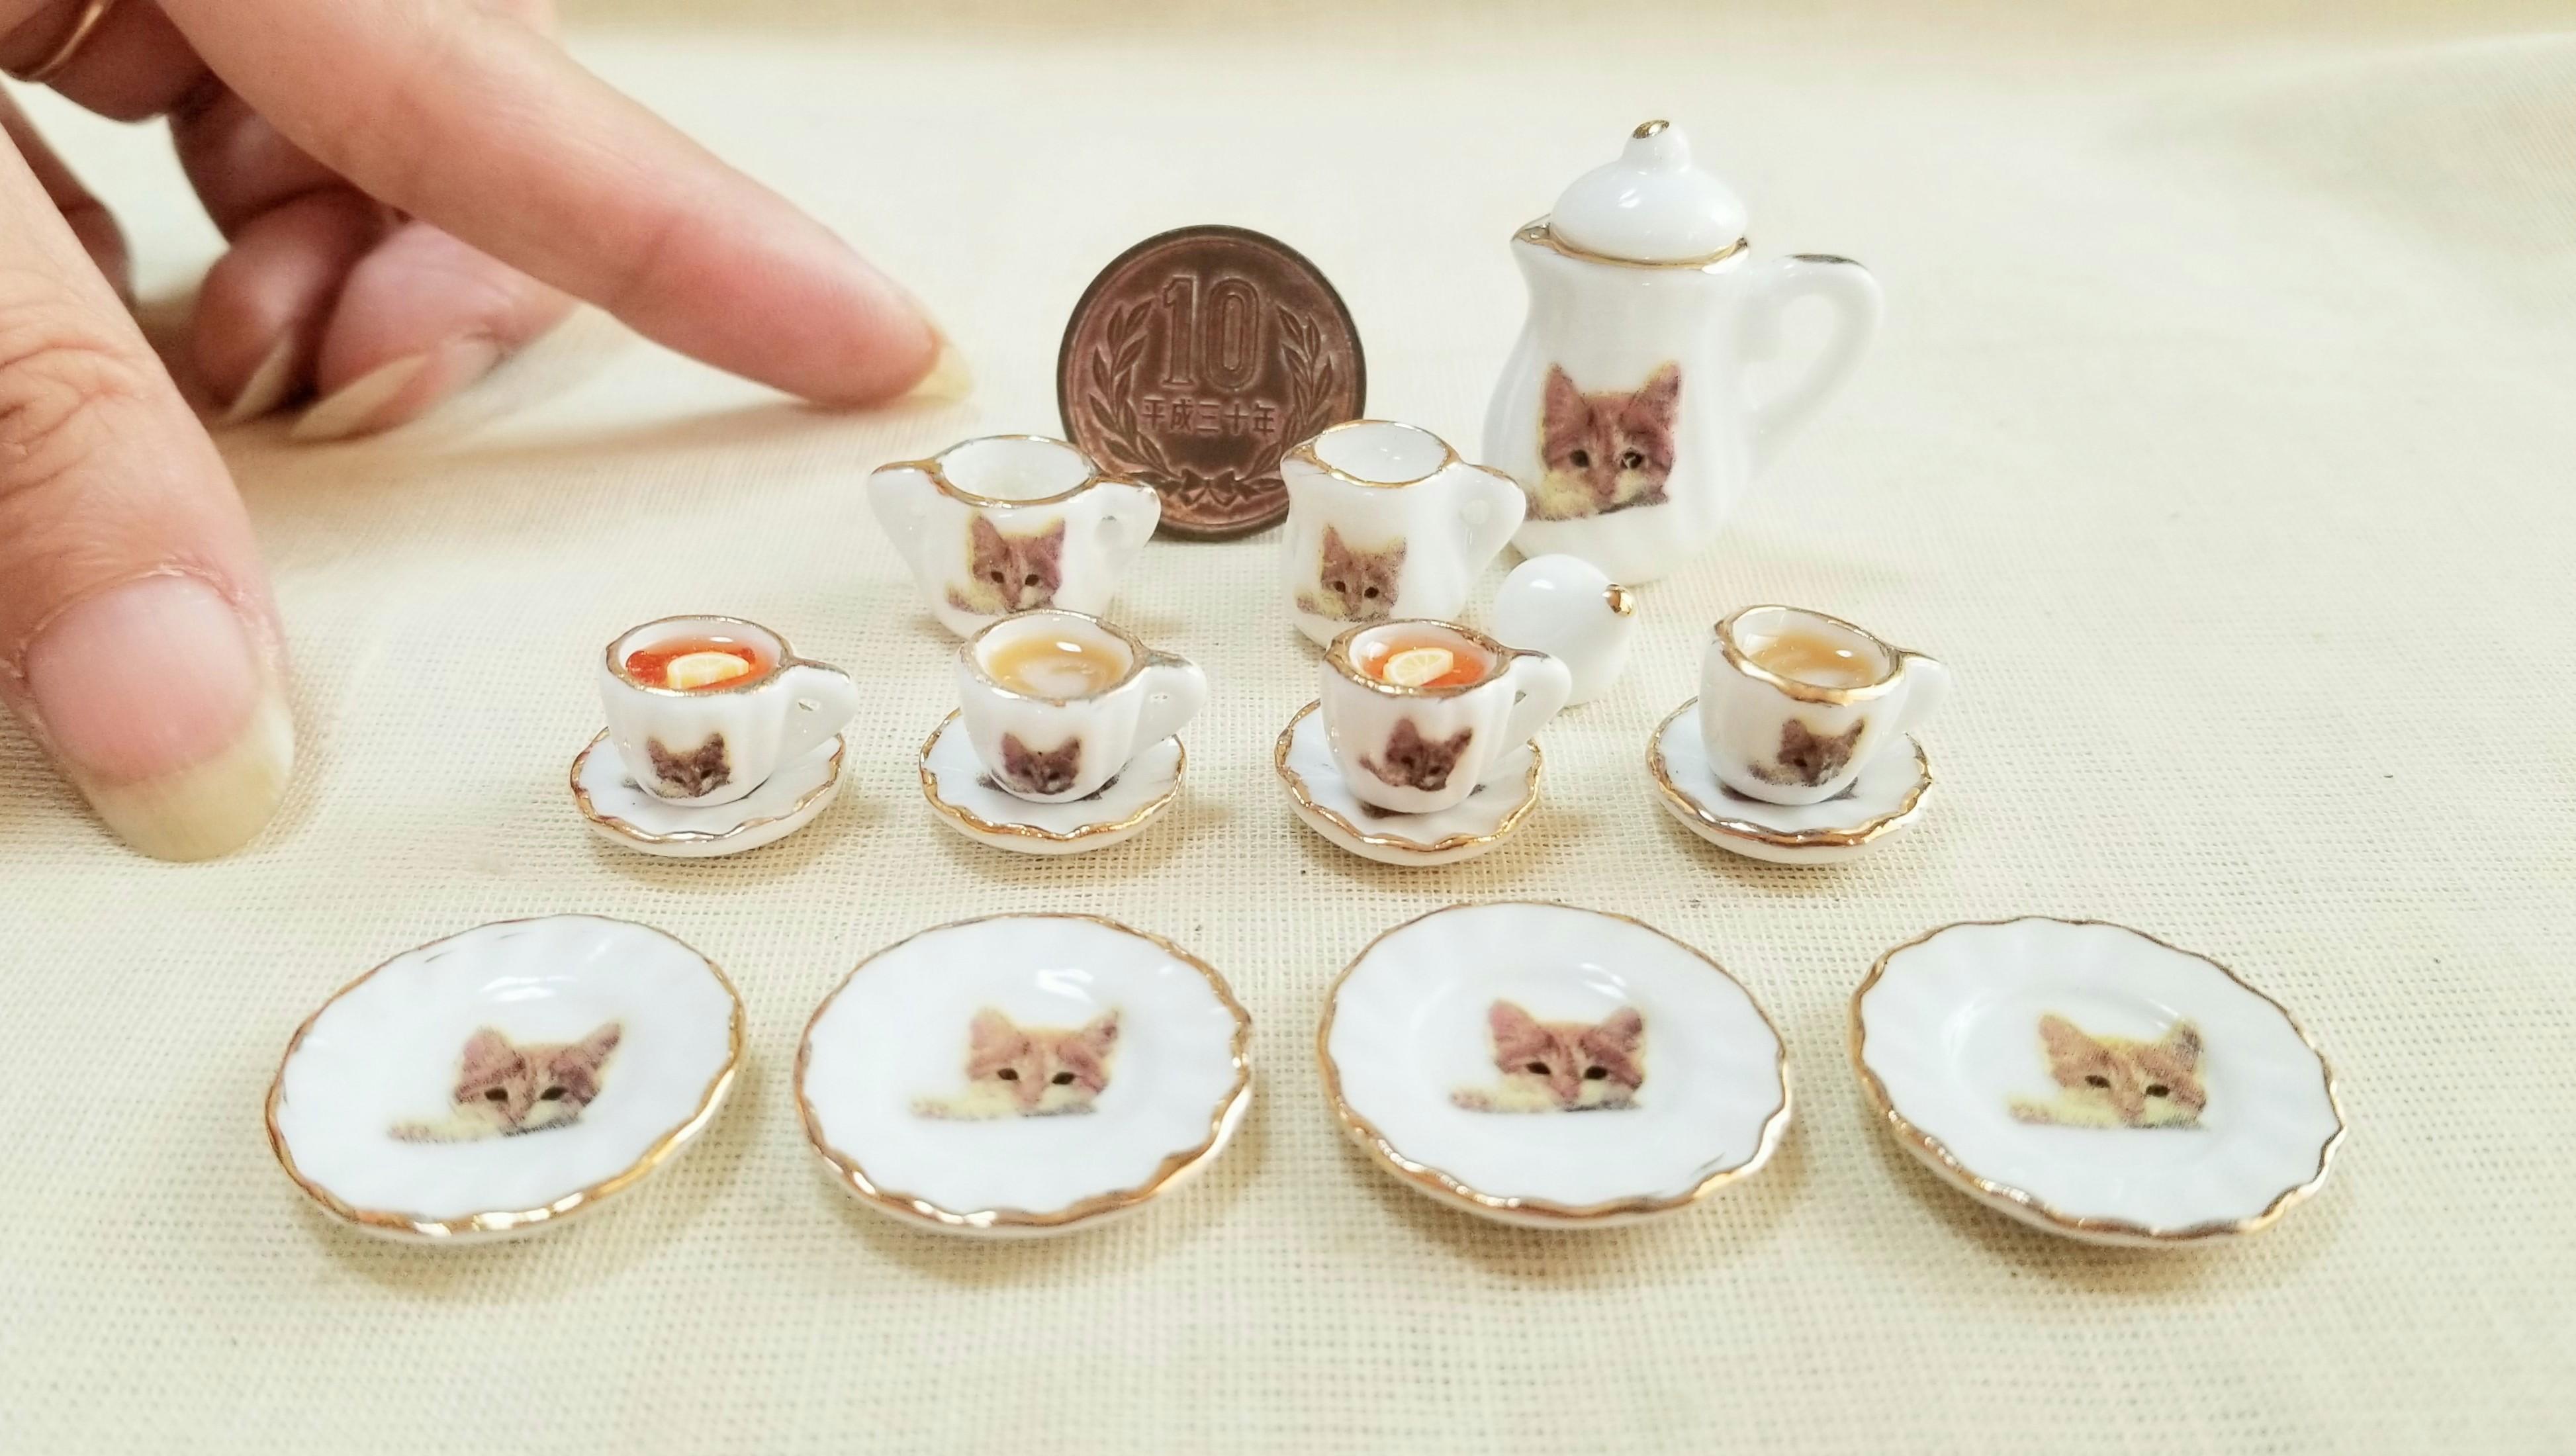 ミニチュアフード陶器ティーカップセット可愛いおすすめドール用小物